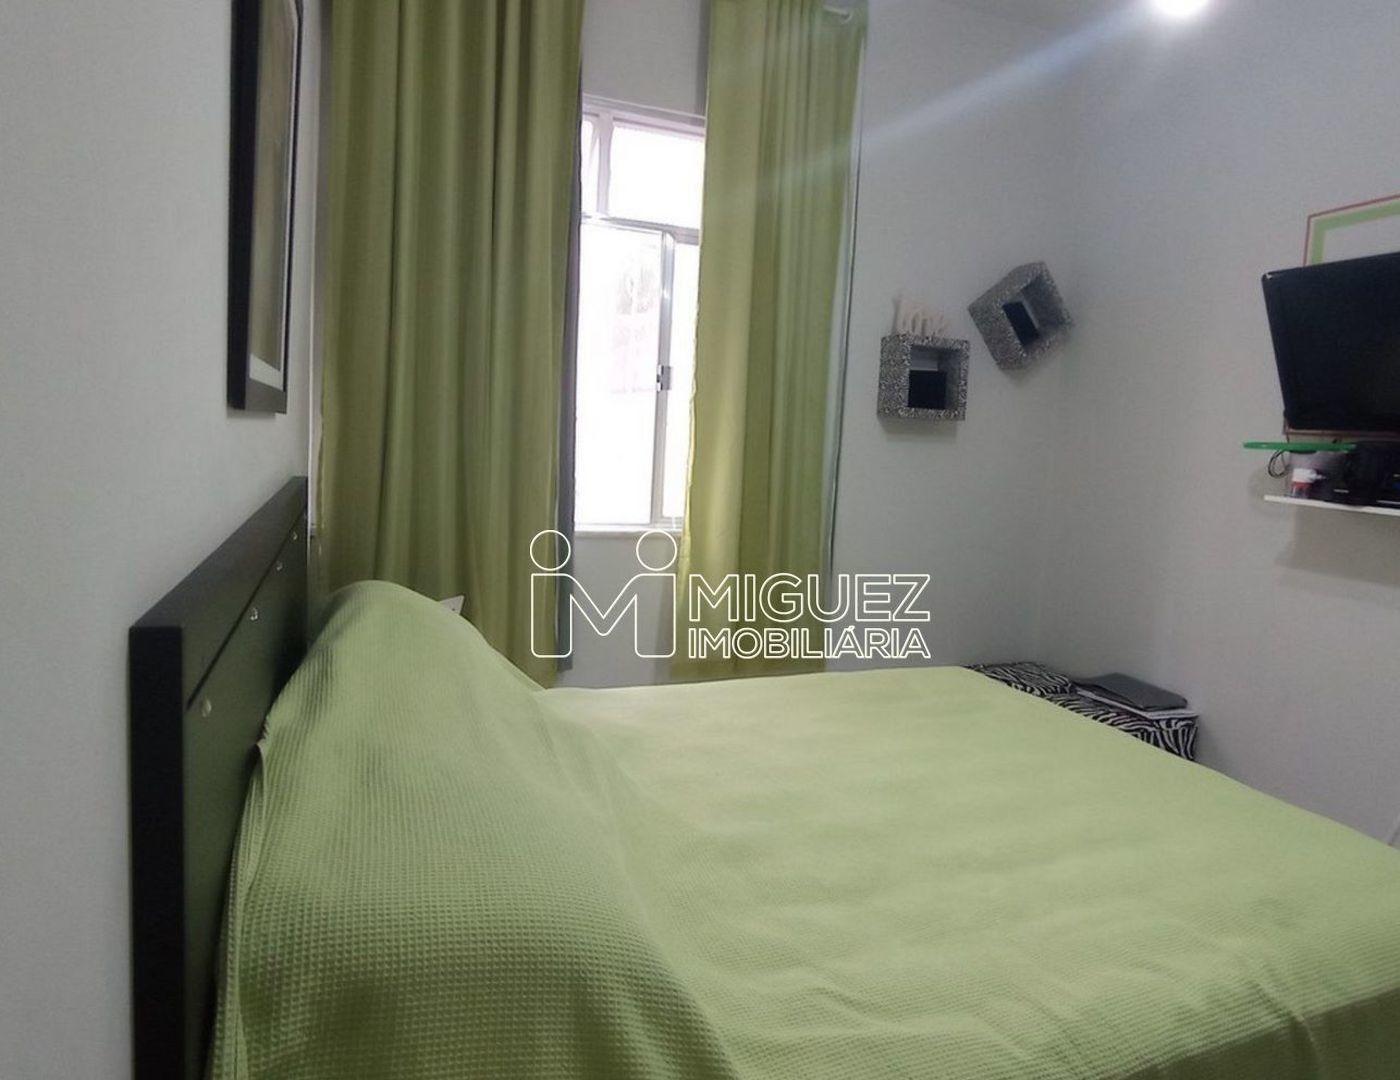 Apartamento, venda, Rua Dezoito de Outubro - Tijuca , Rio de janeiro